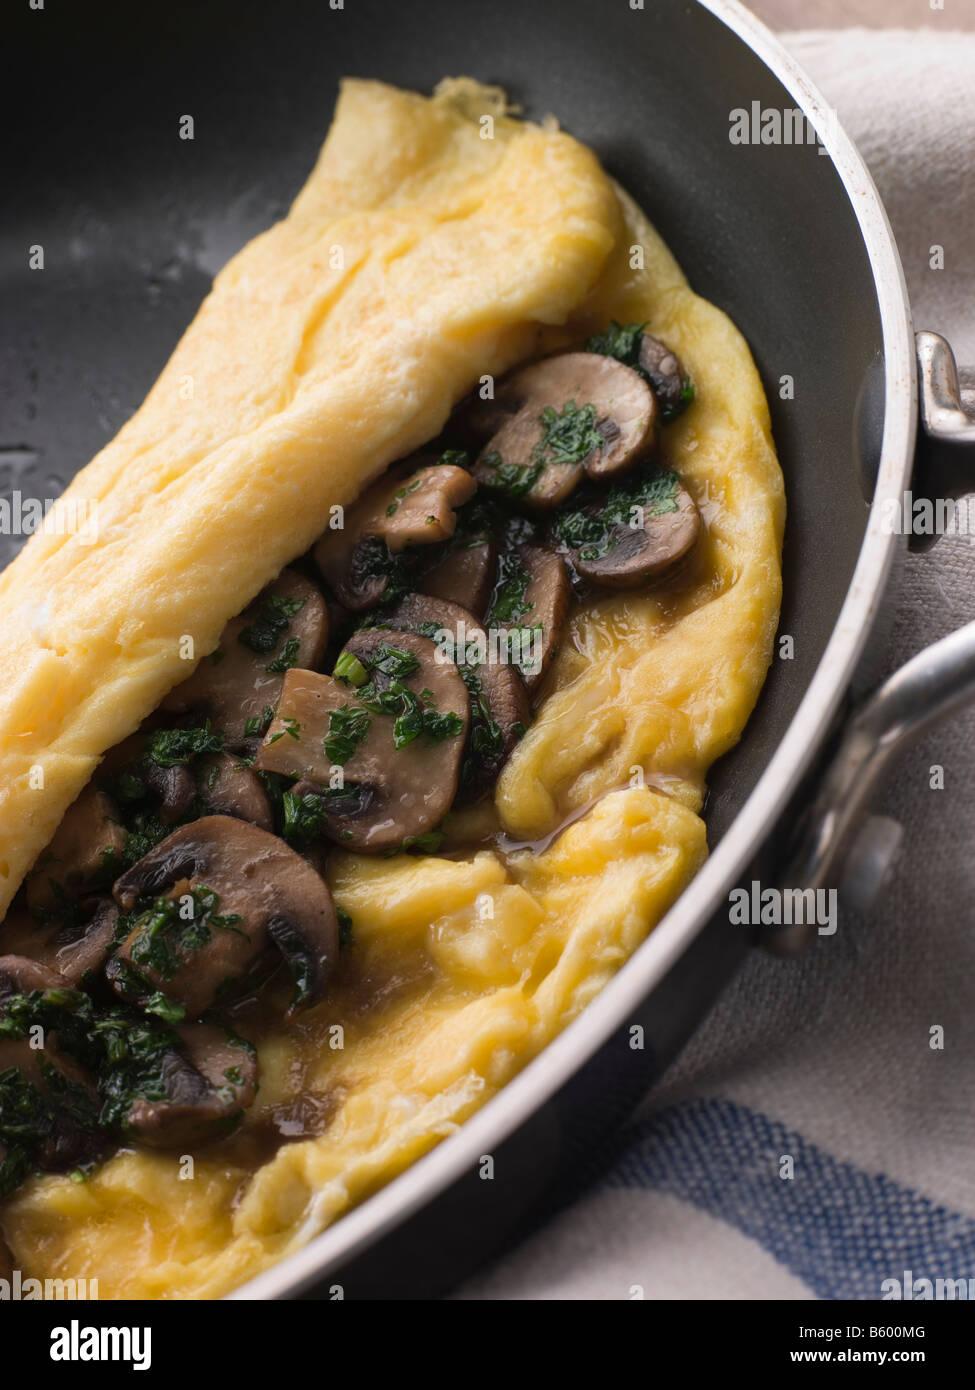 Mushroom Omelette folded in a Omelette Pan - Stock Image